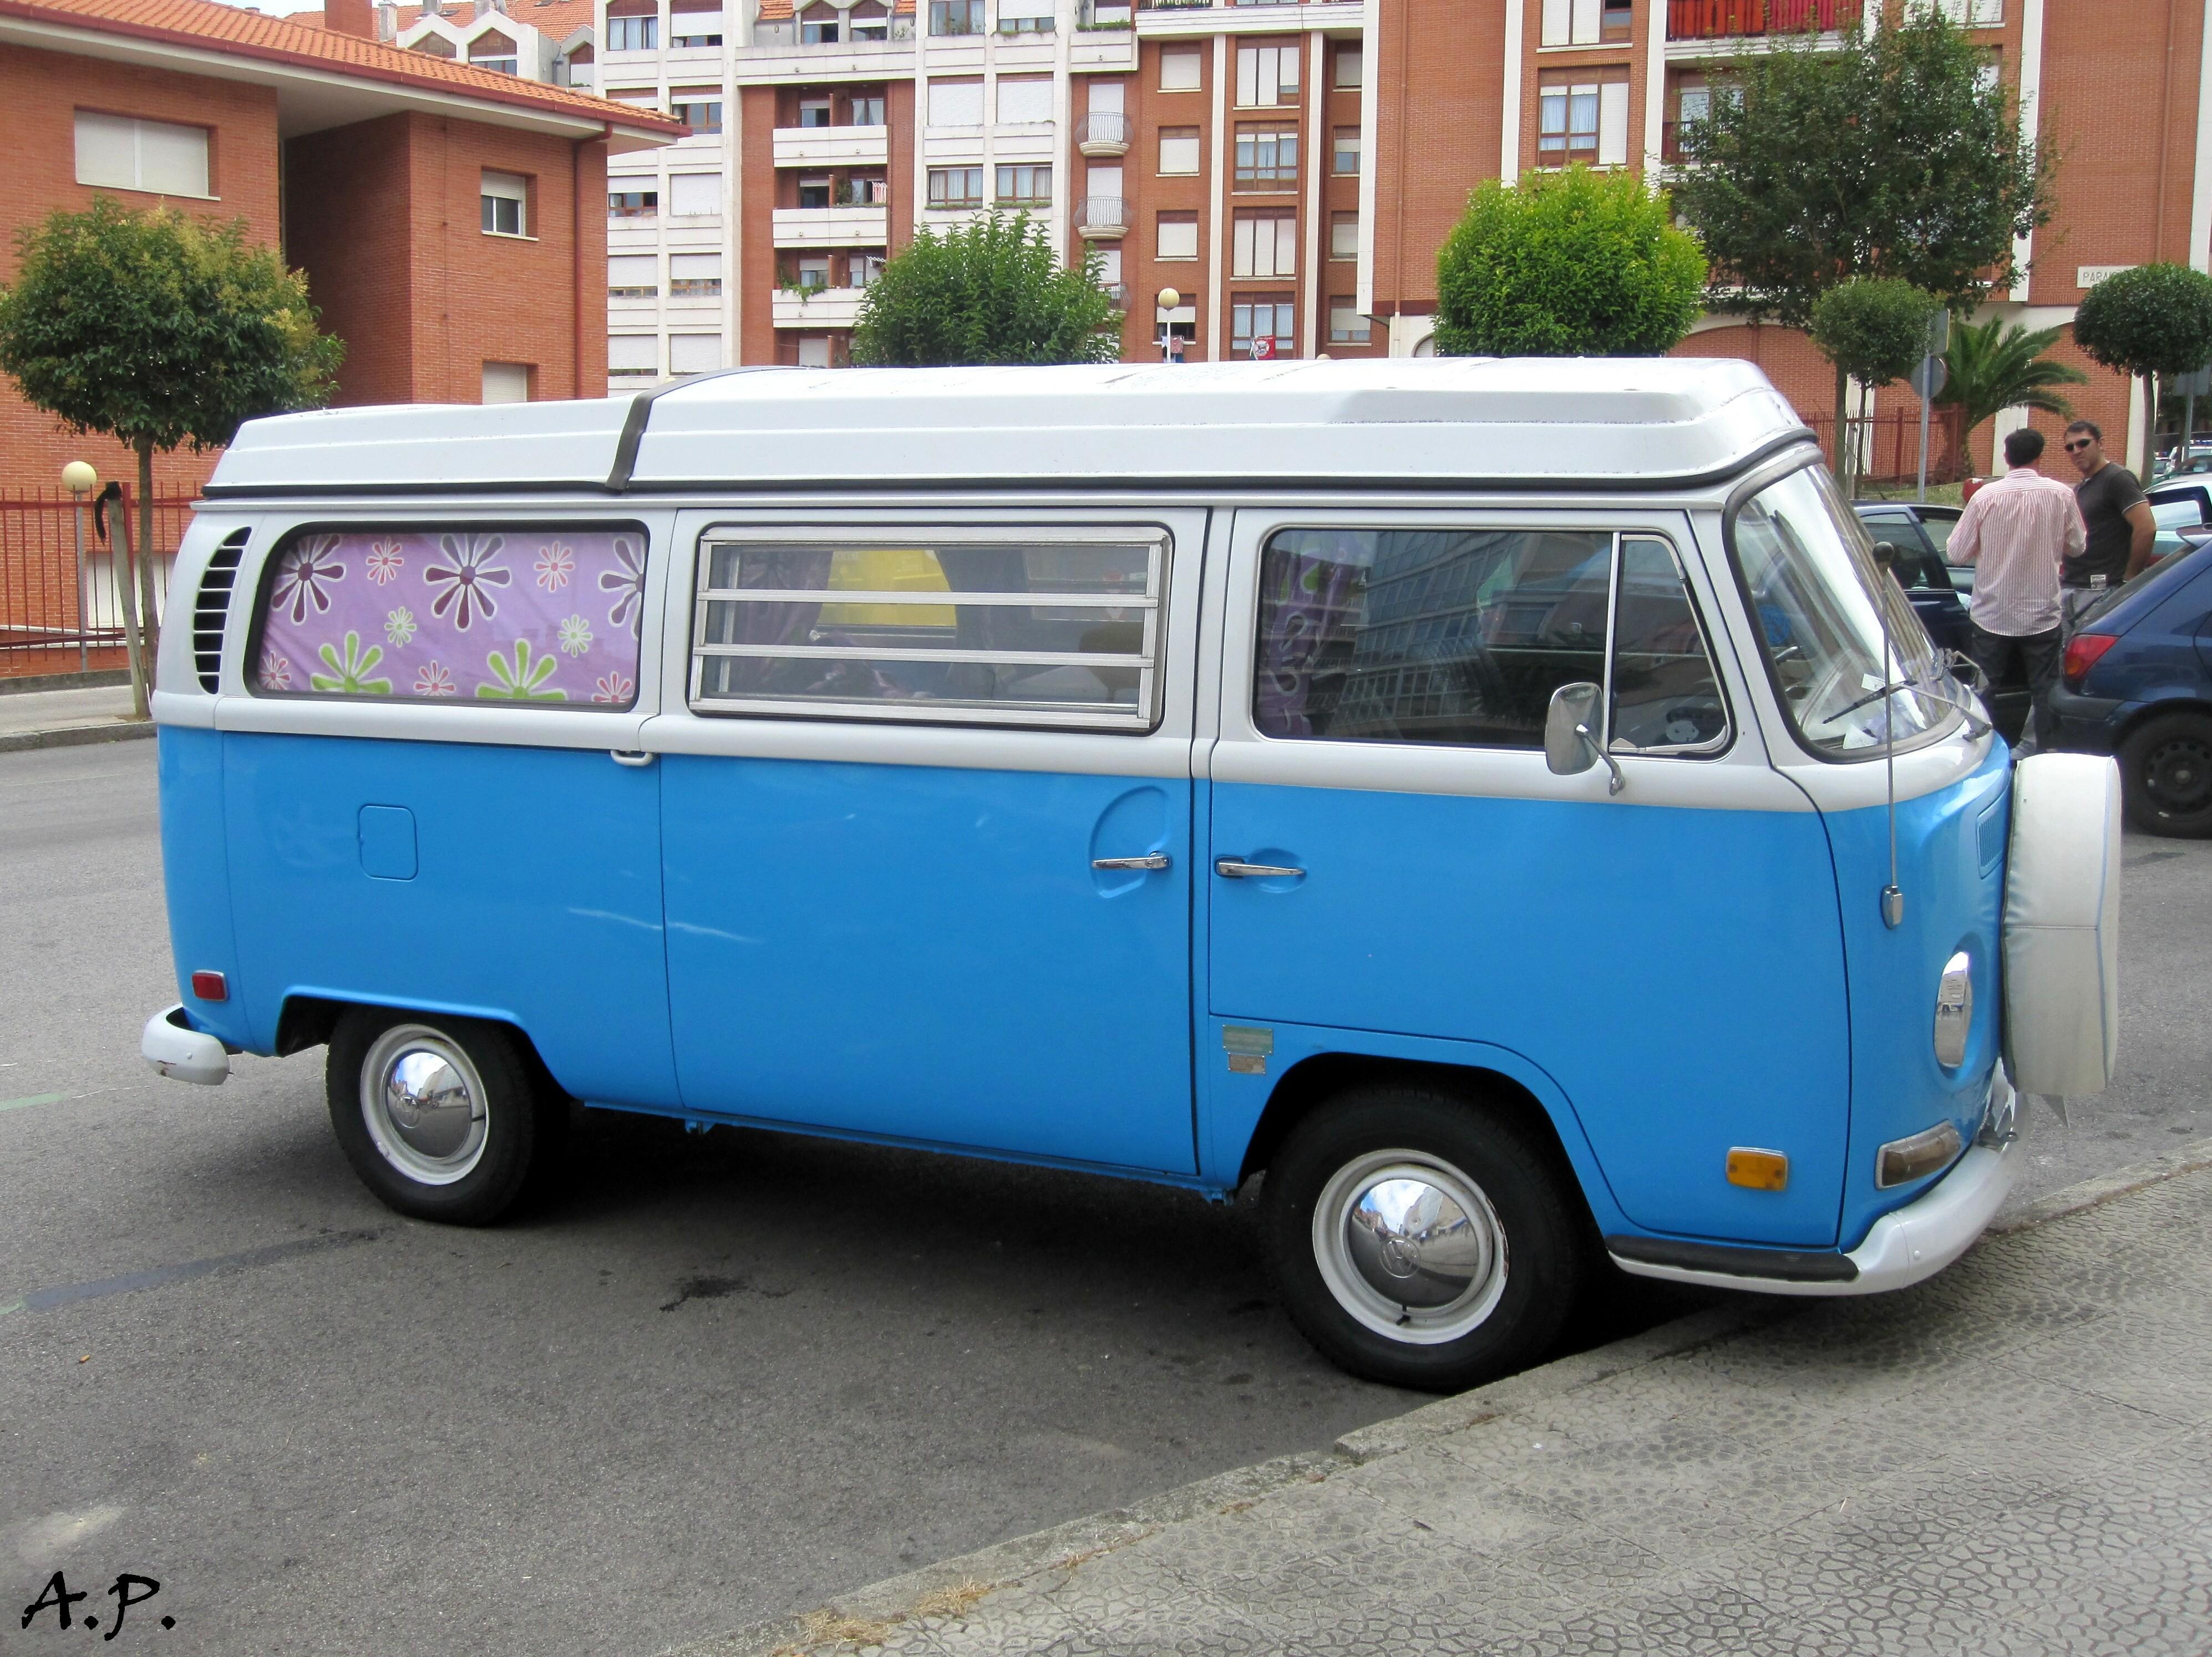 File:1970 Volkswagen Westfalia (Typ 2 - T2) (4986986045 ...